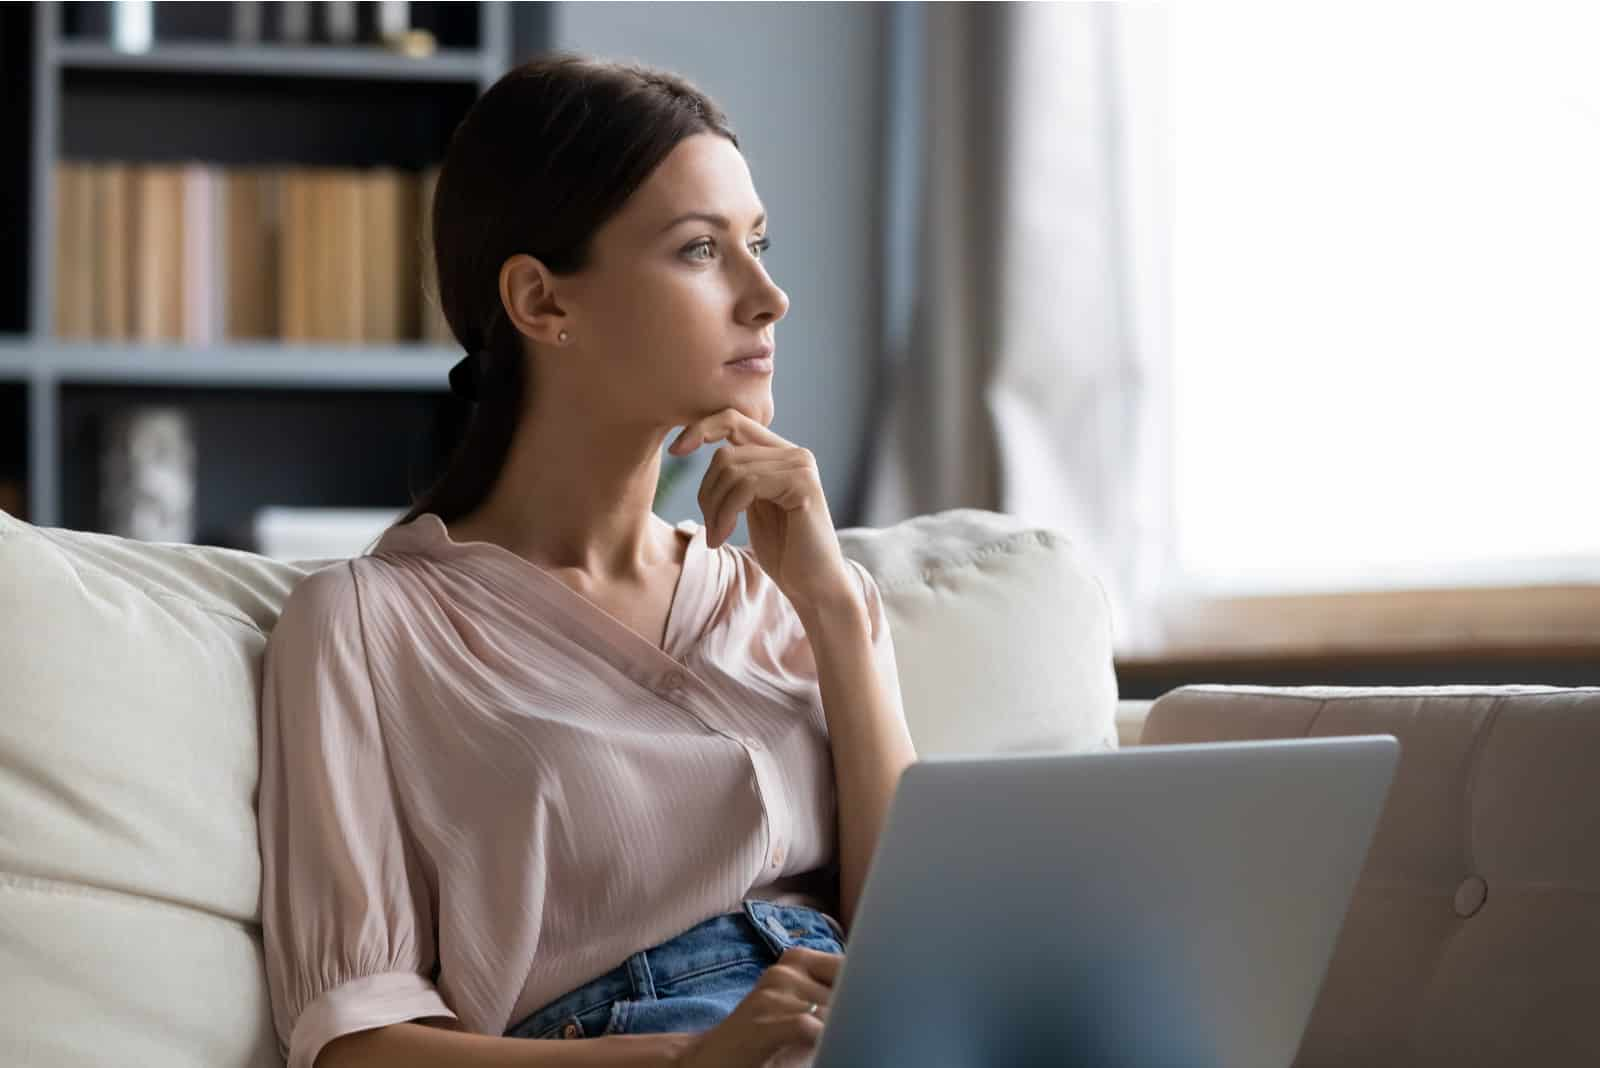 une femme assise devant un ordinateur portable pensivement